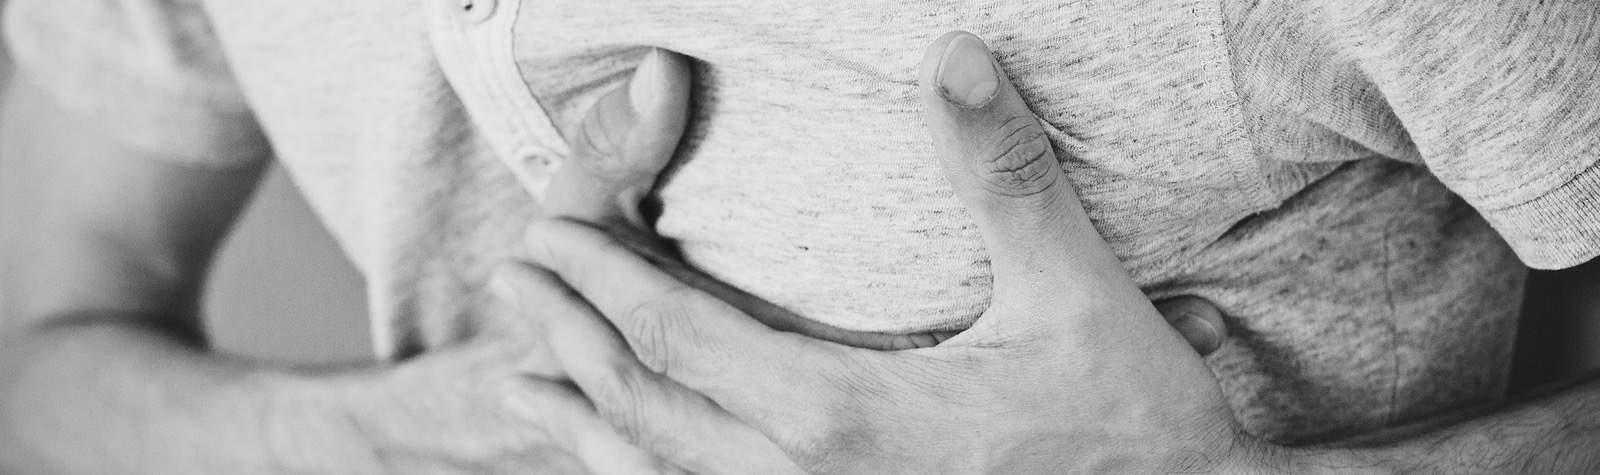 Wat zijn de mogelijke lichamelijke klachten van stress?